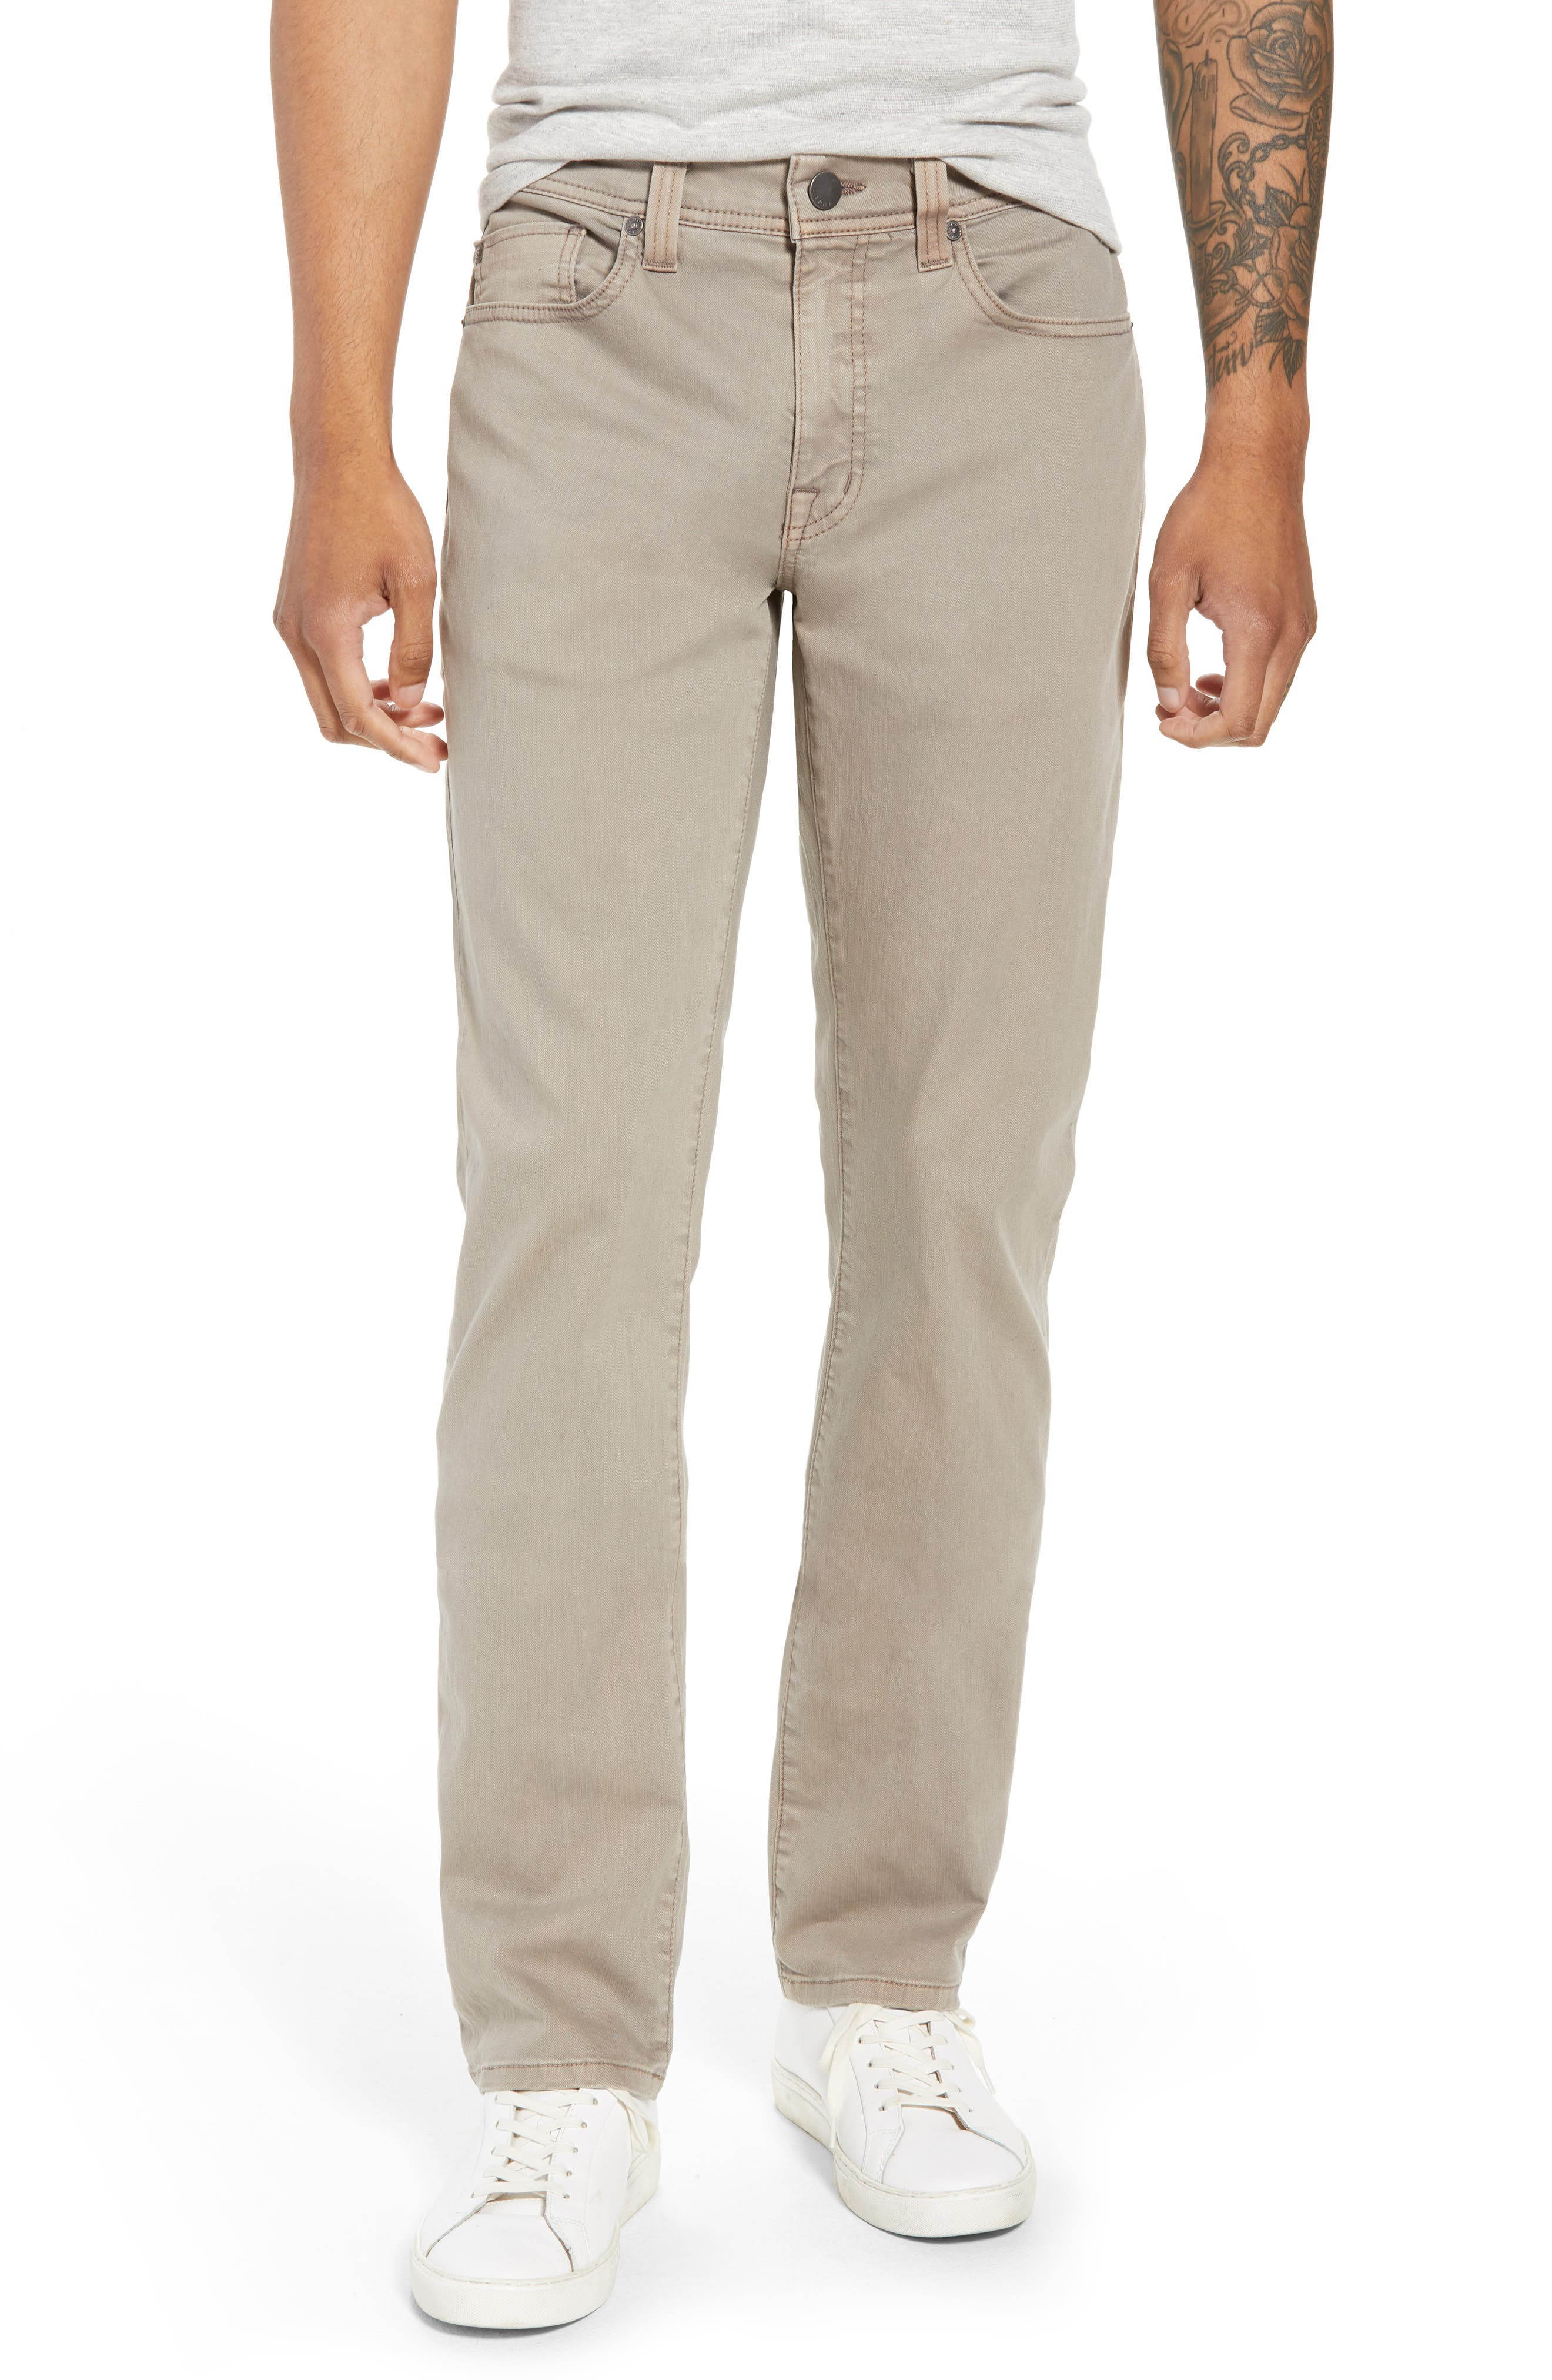 Jimmy Slim Straight Leg Jeans,                             Main thumbnail 1, color,                             KHAKI